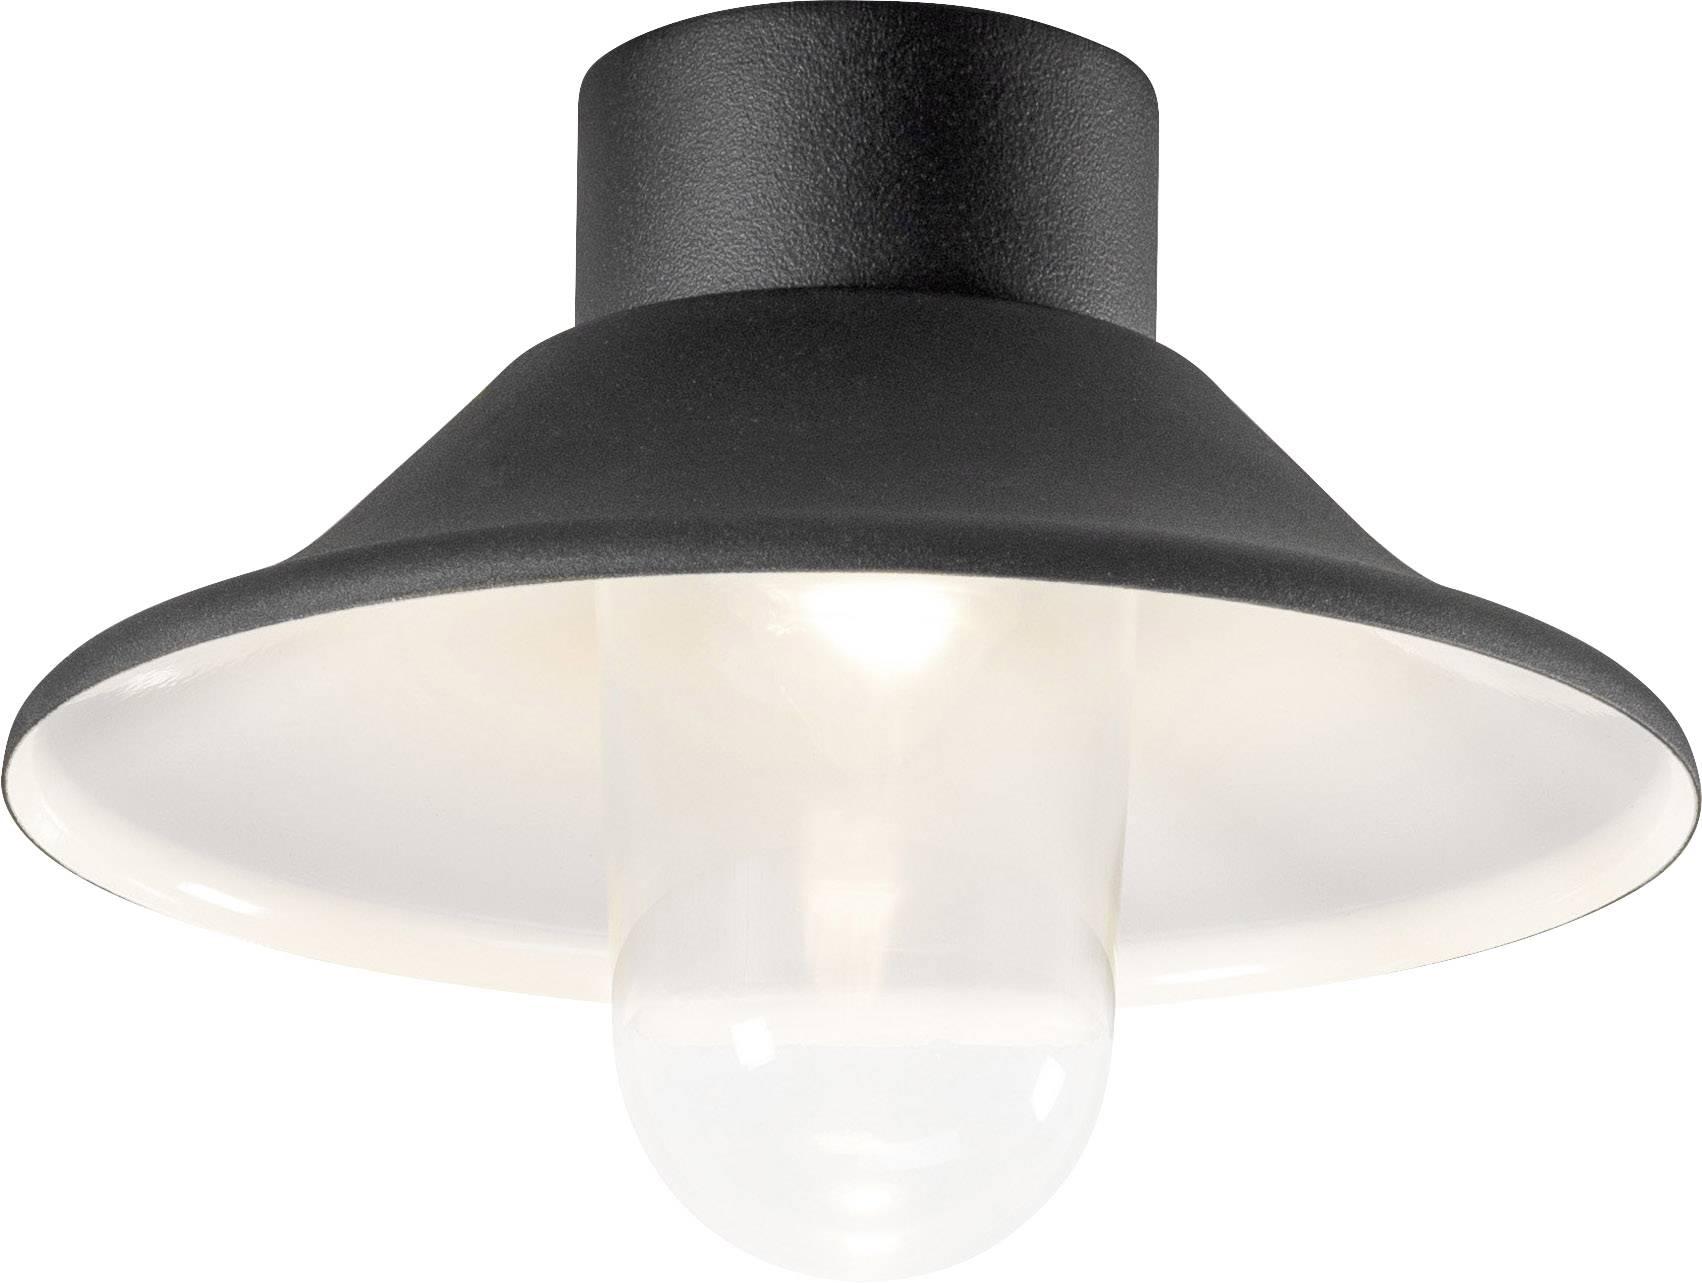 Plafoniera Led Esterno Soffitto : Lampada led a soffitto per esterni w bianco caldo konstsmide